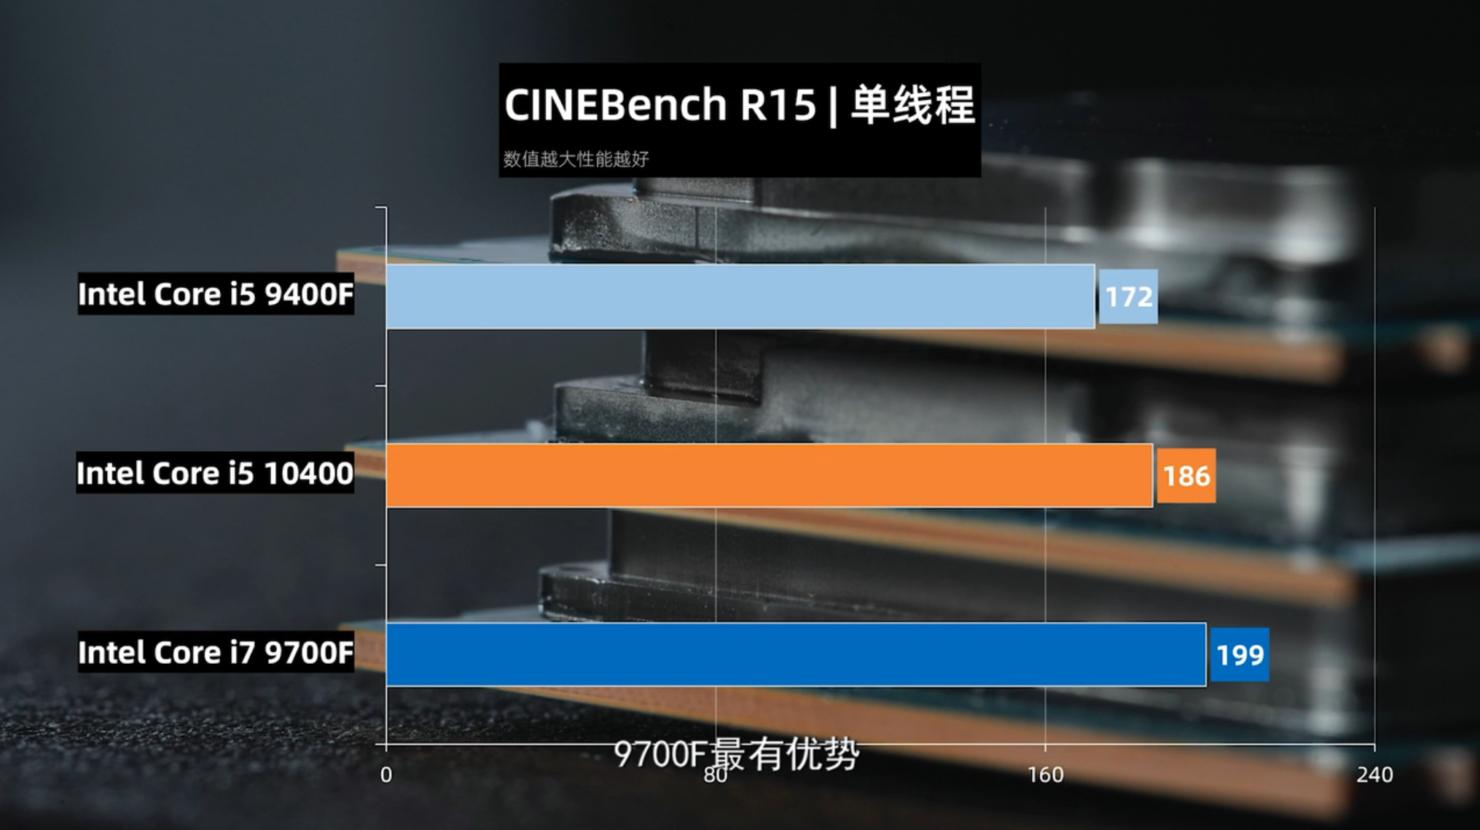 intel-core-i5-10400-comet-lake-s-6-core-desktop-cpu_cinebench-r15-single-cre